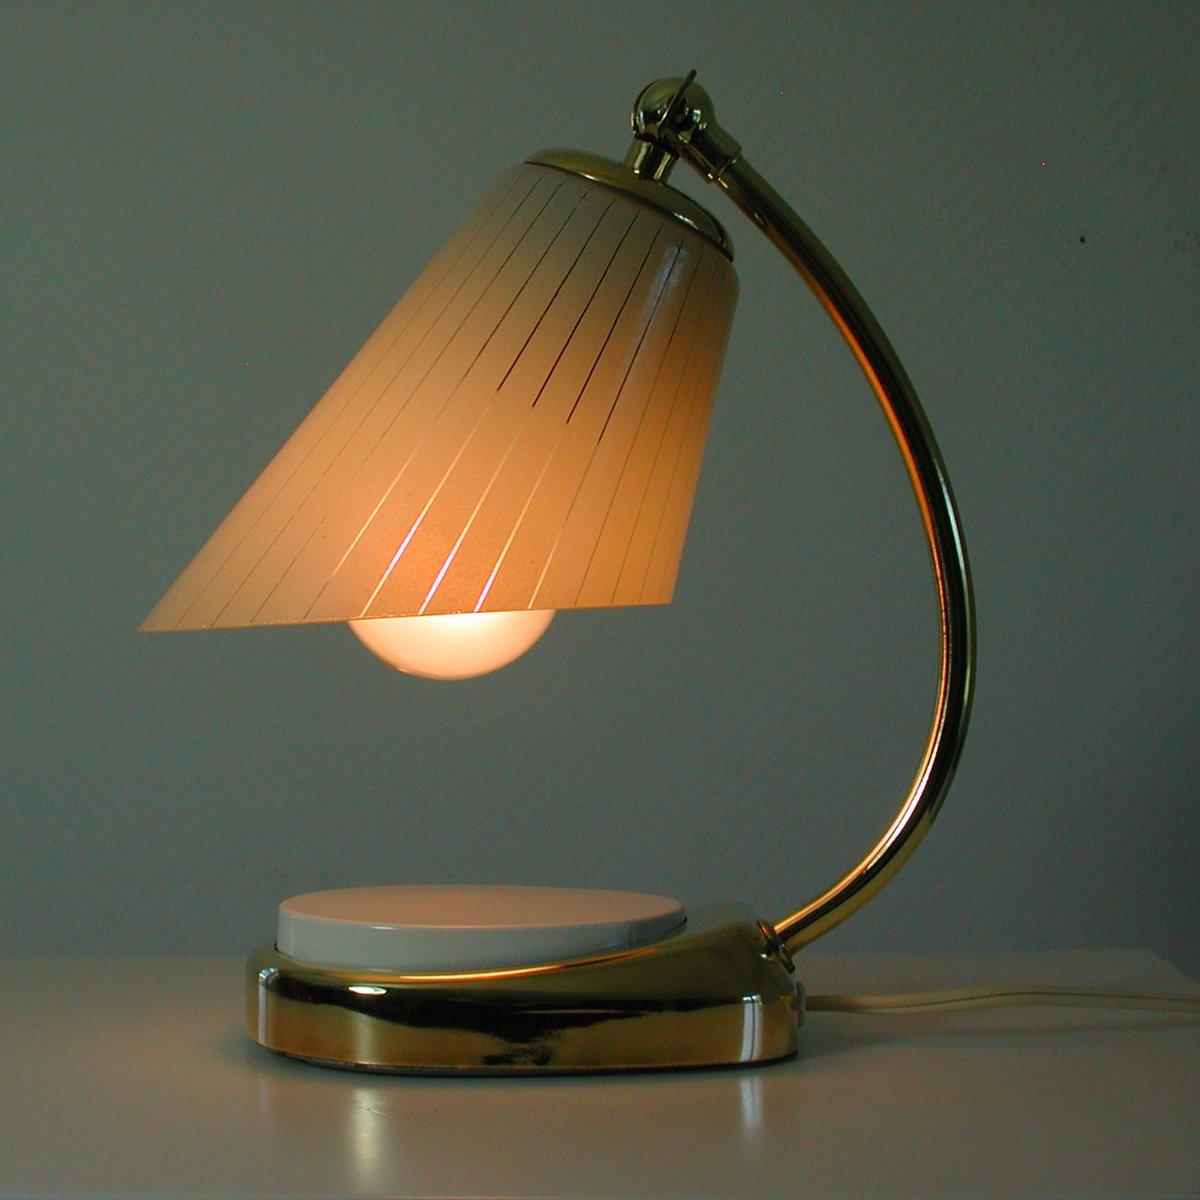 Deutsche Bauhaus Tastlicht Lampe aus Messing & Opalglas, 1960er bei Pamono kaufen